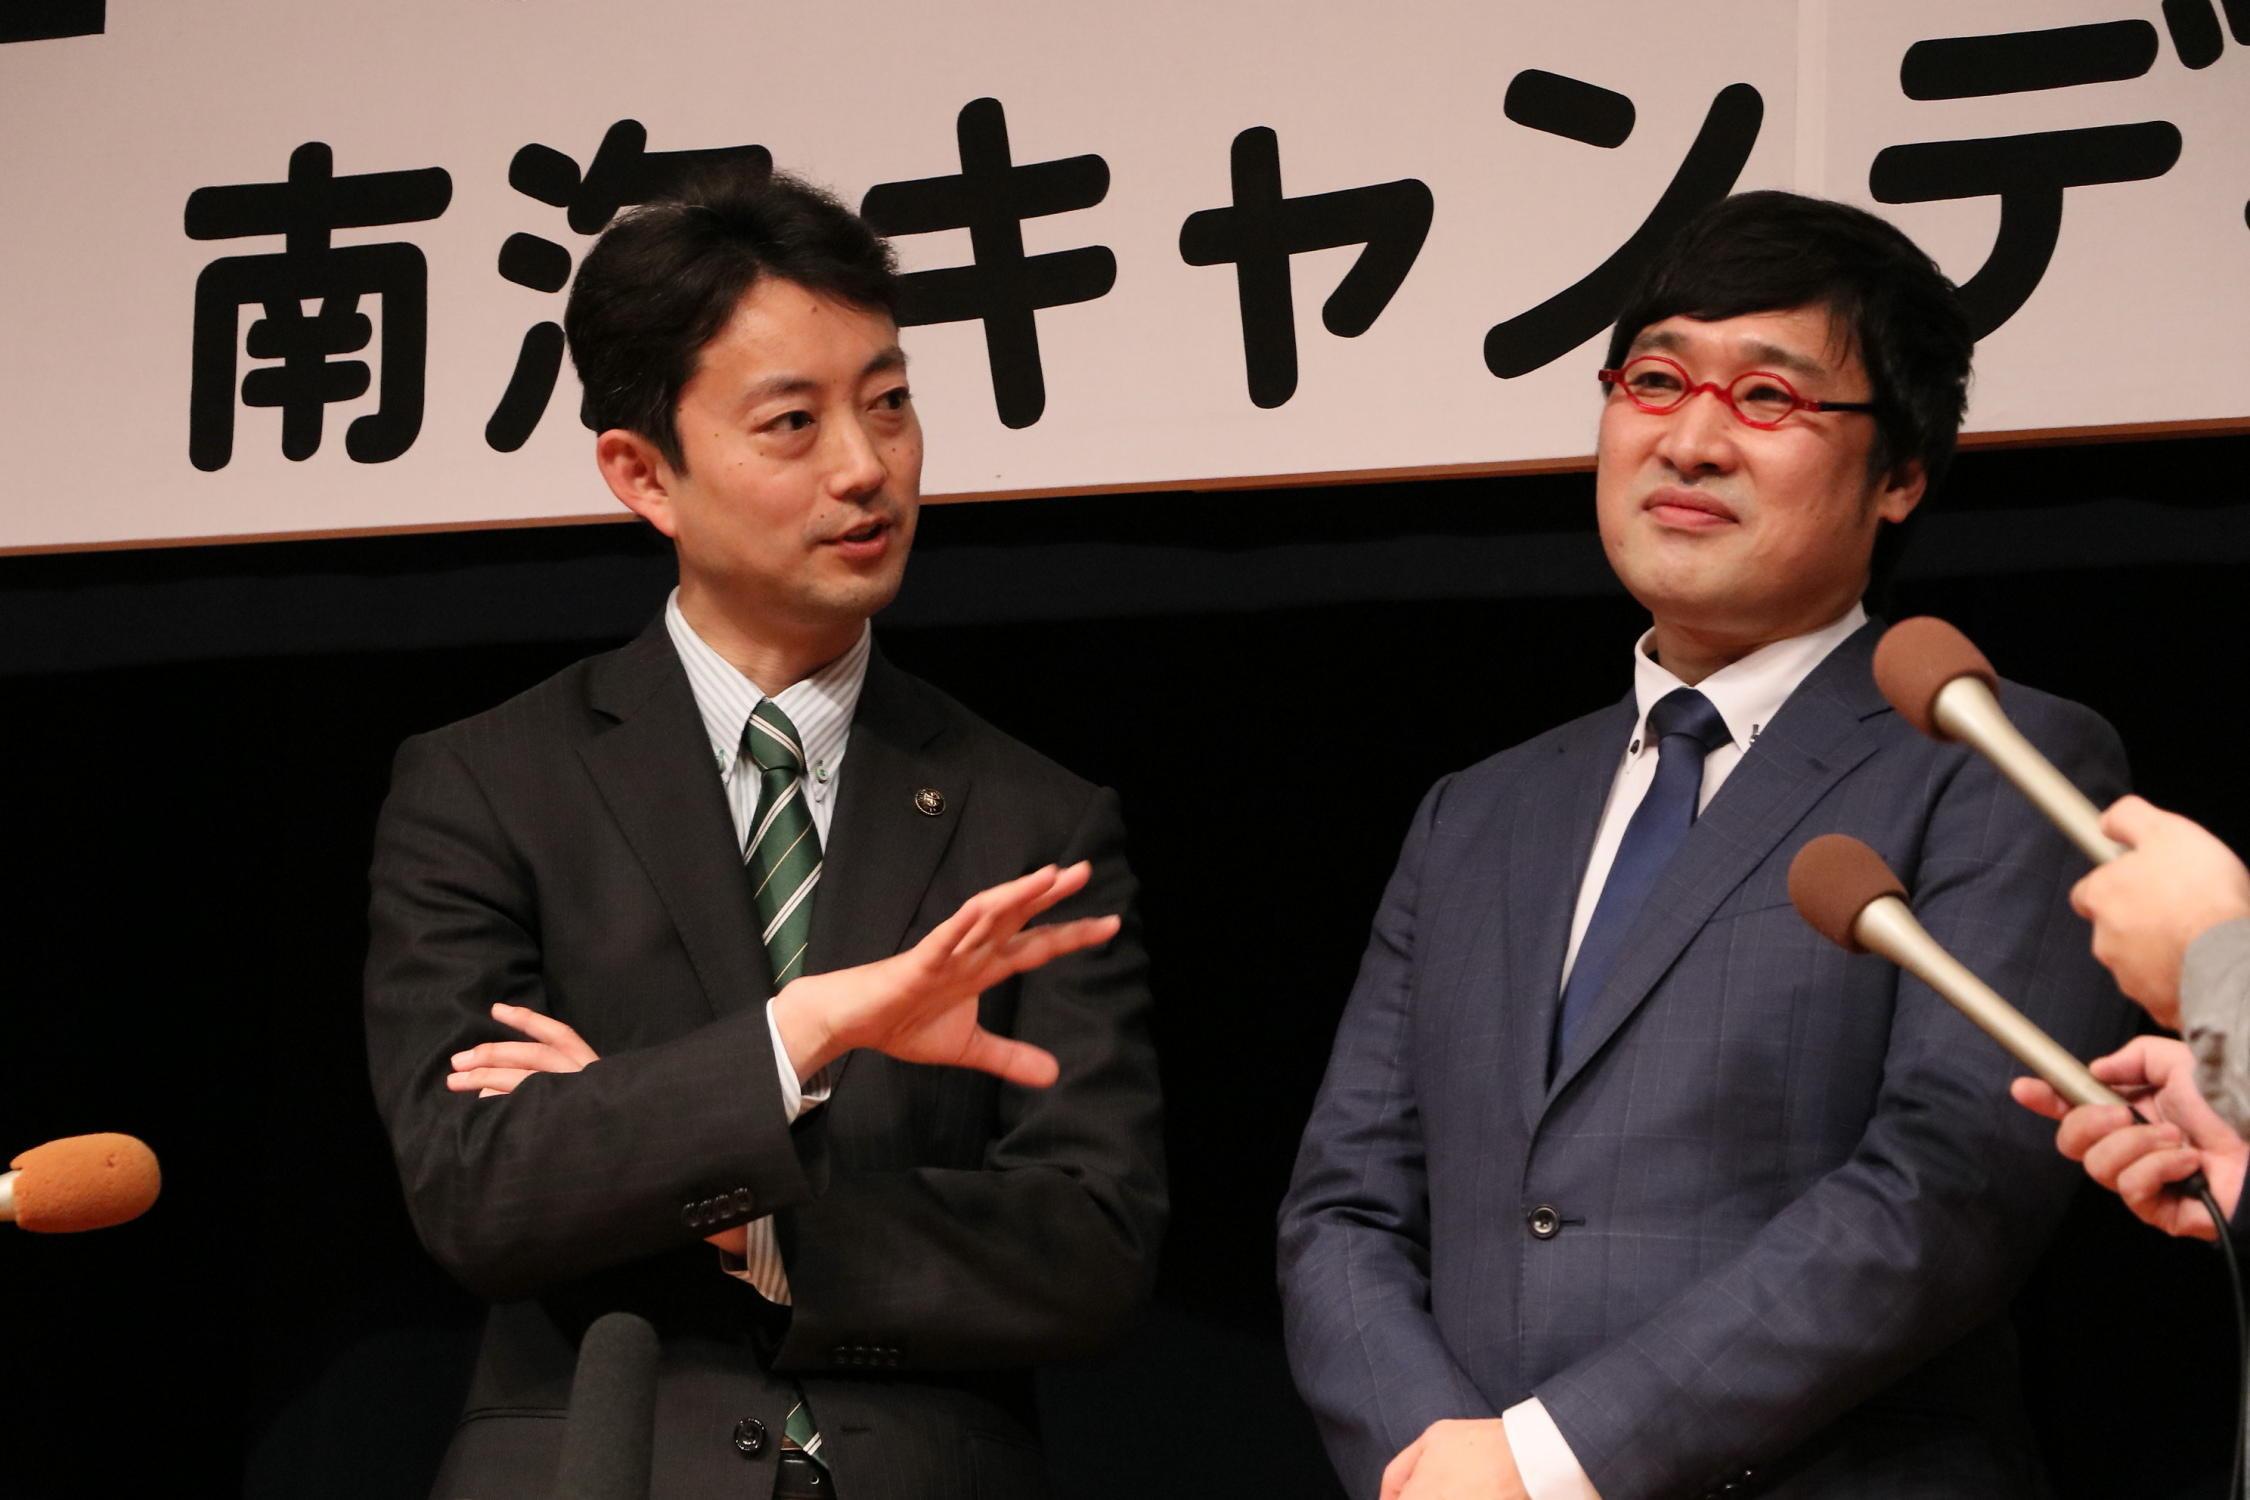 http://news.yoshimoto.co.jp/20180107132930-fa4f866de0bf108c087d239a4df1e4aeb4b40668.jpg